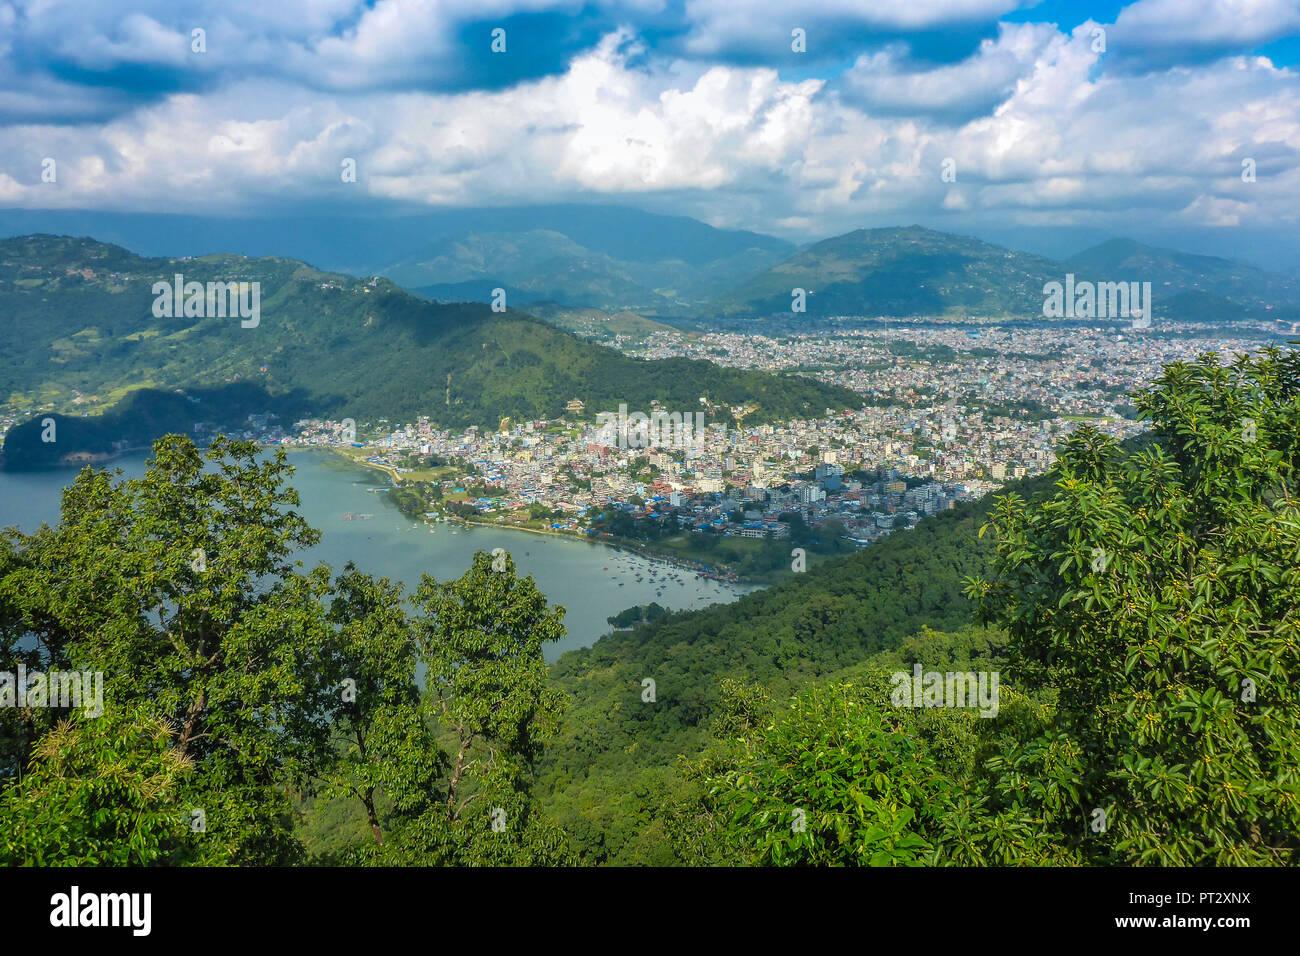 Nepal, Himalaya Mountains, Pokhara Valley, Pokhara, Phewa Lake, - Stock Image